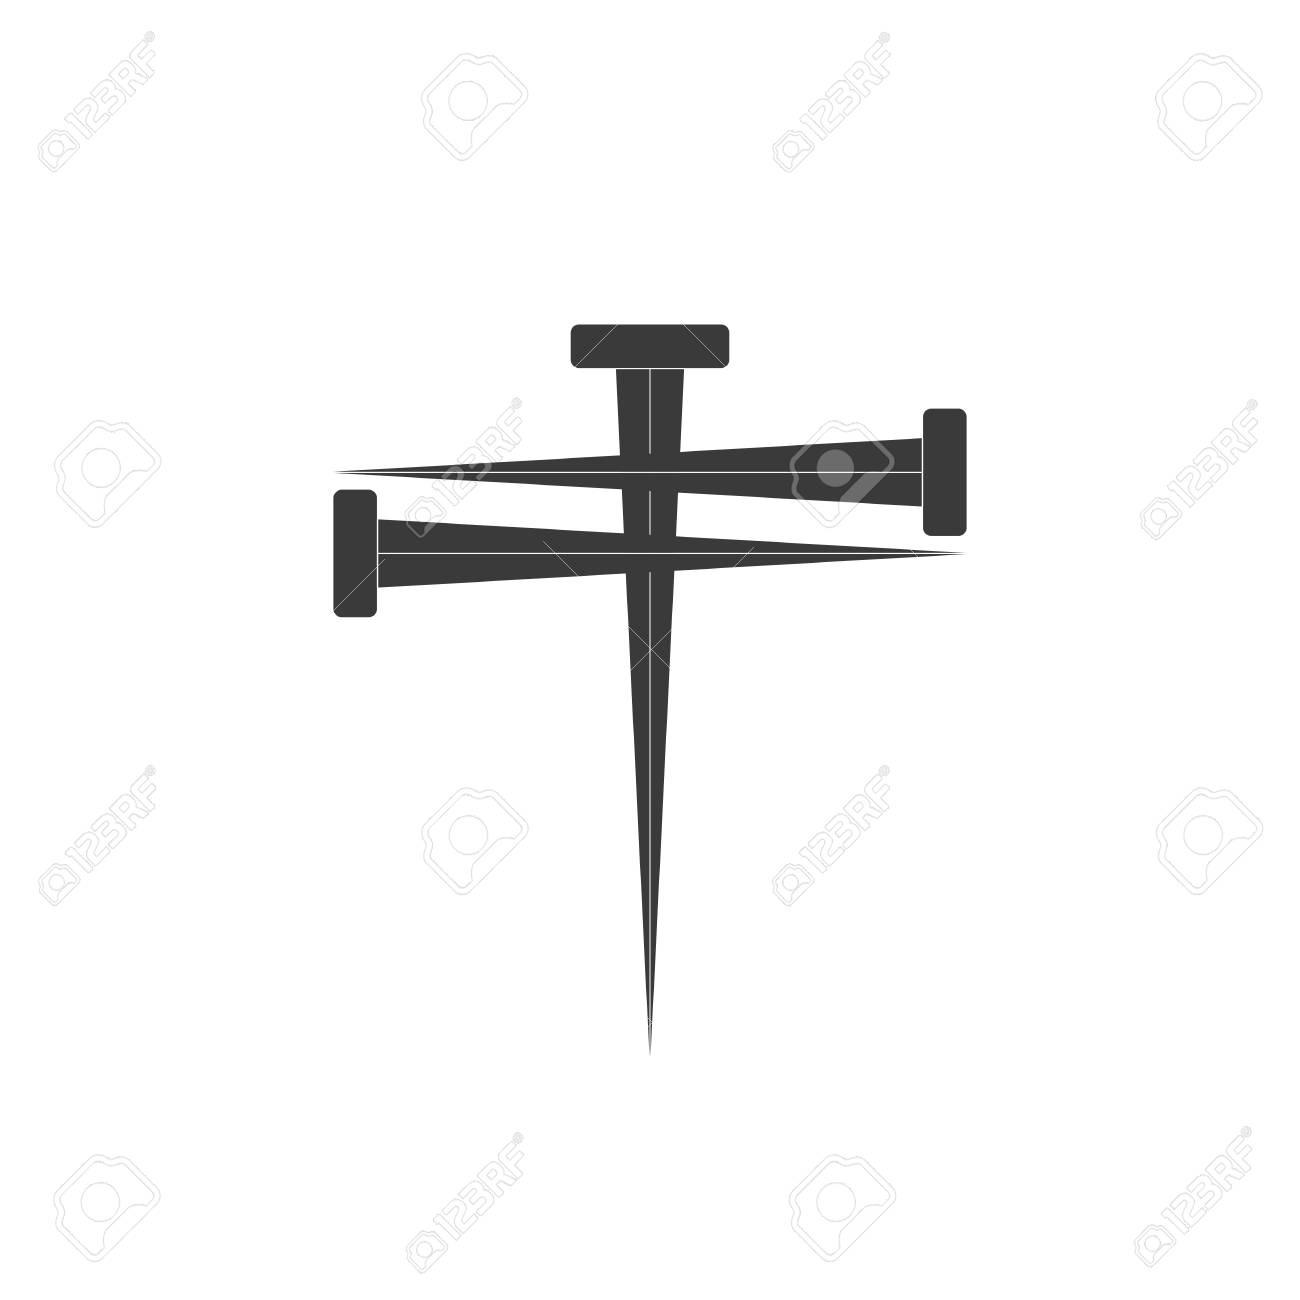 Cross of nail. Cross icon and nail icons. Nail symbol. Vector...